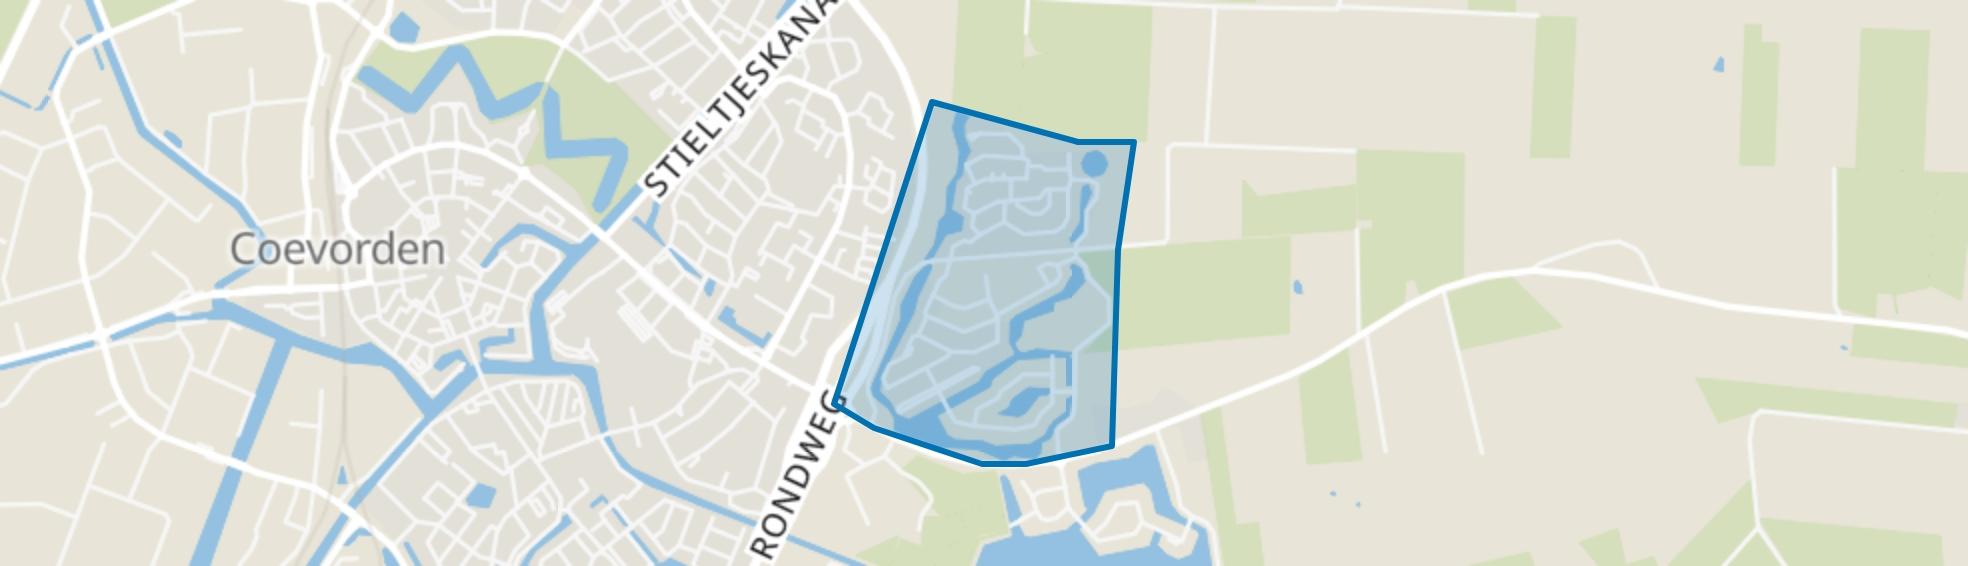 Ossehaar, Coevorden map